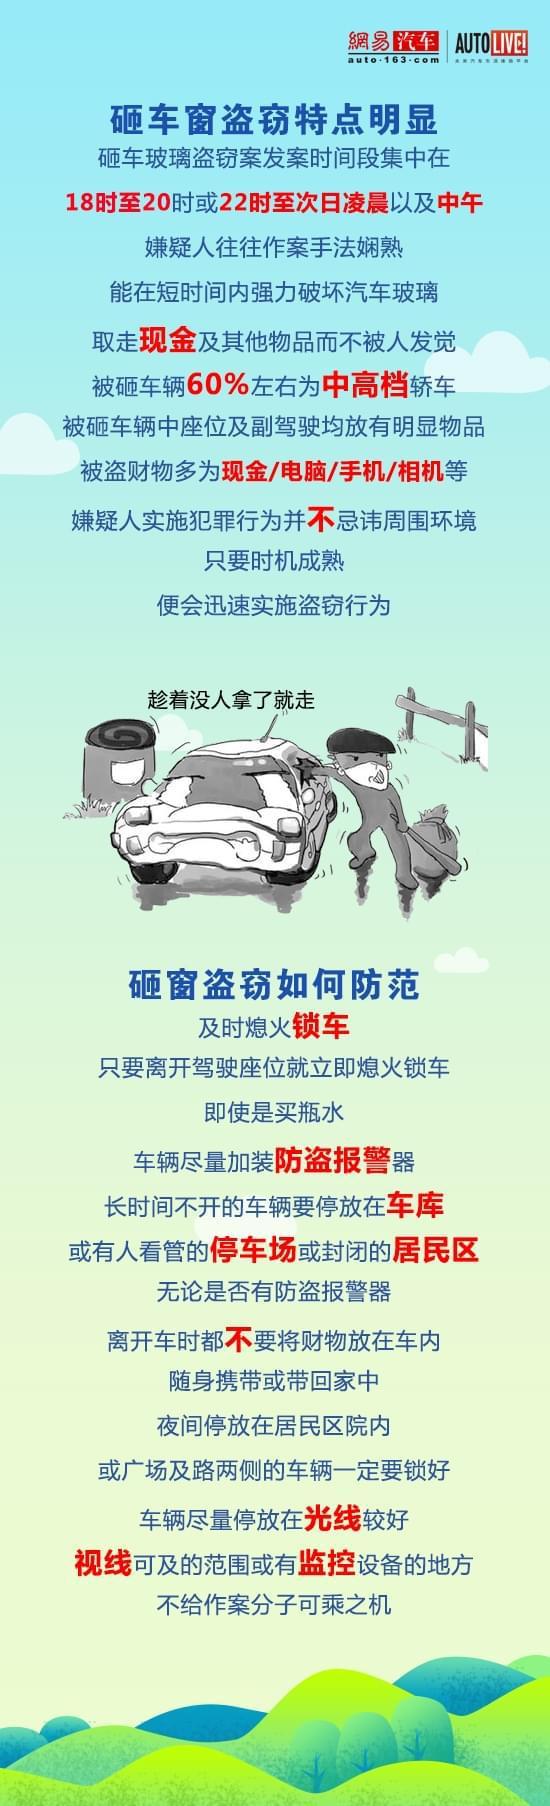 小偷5分钟连砸6辆私家车 一无所获迅速离开